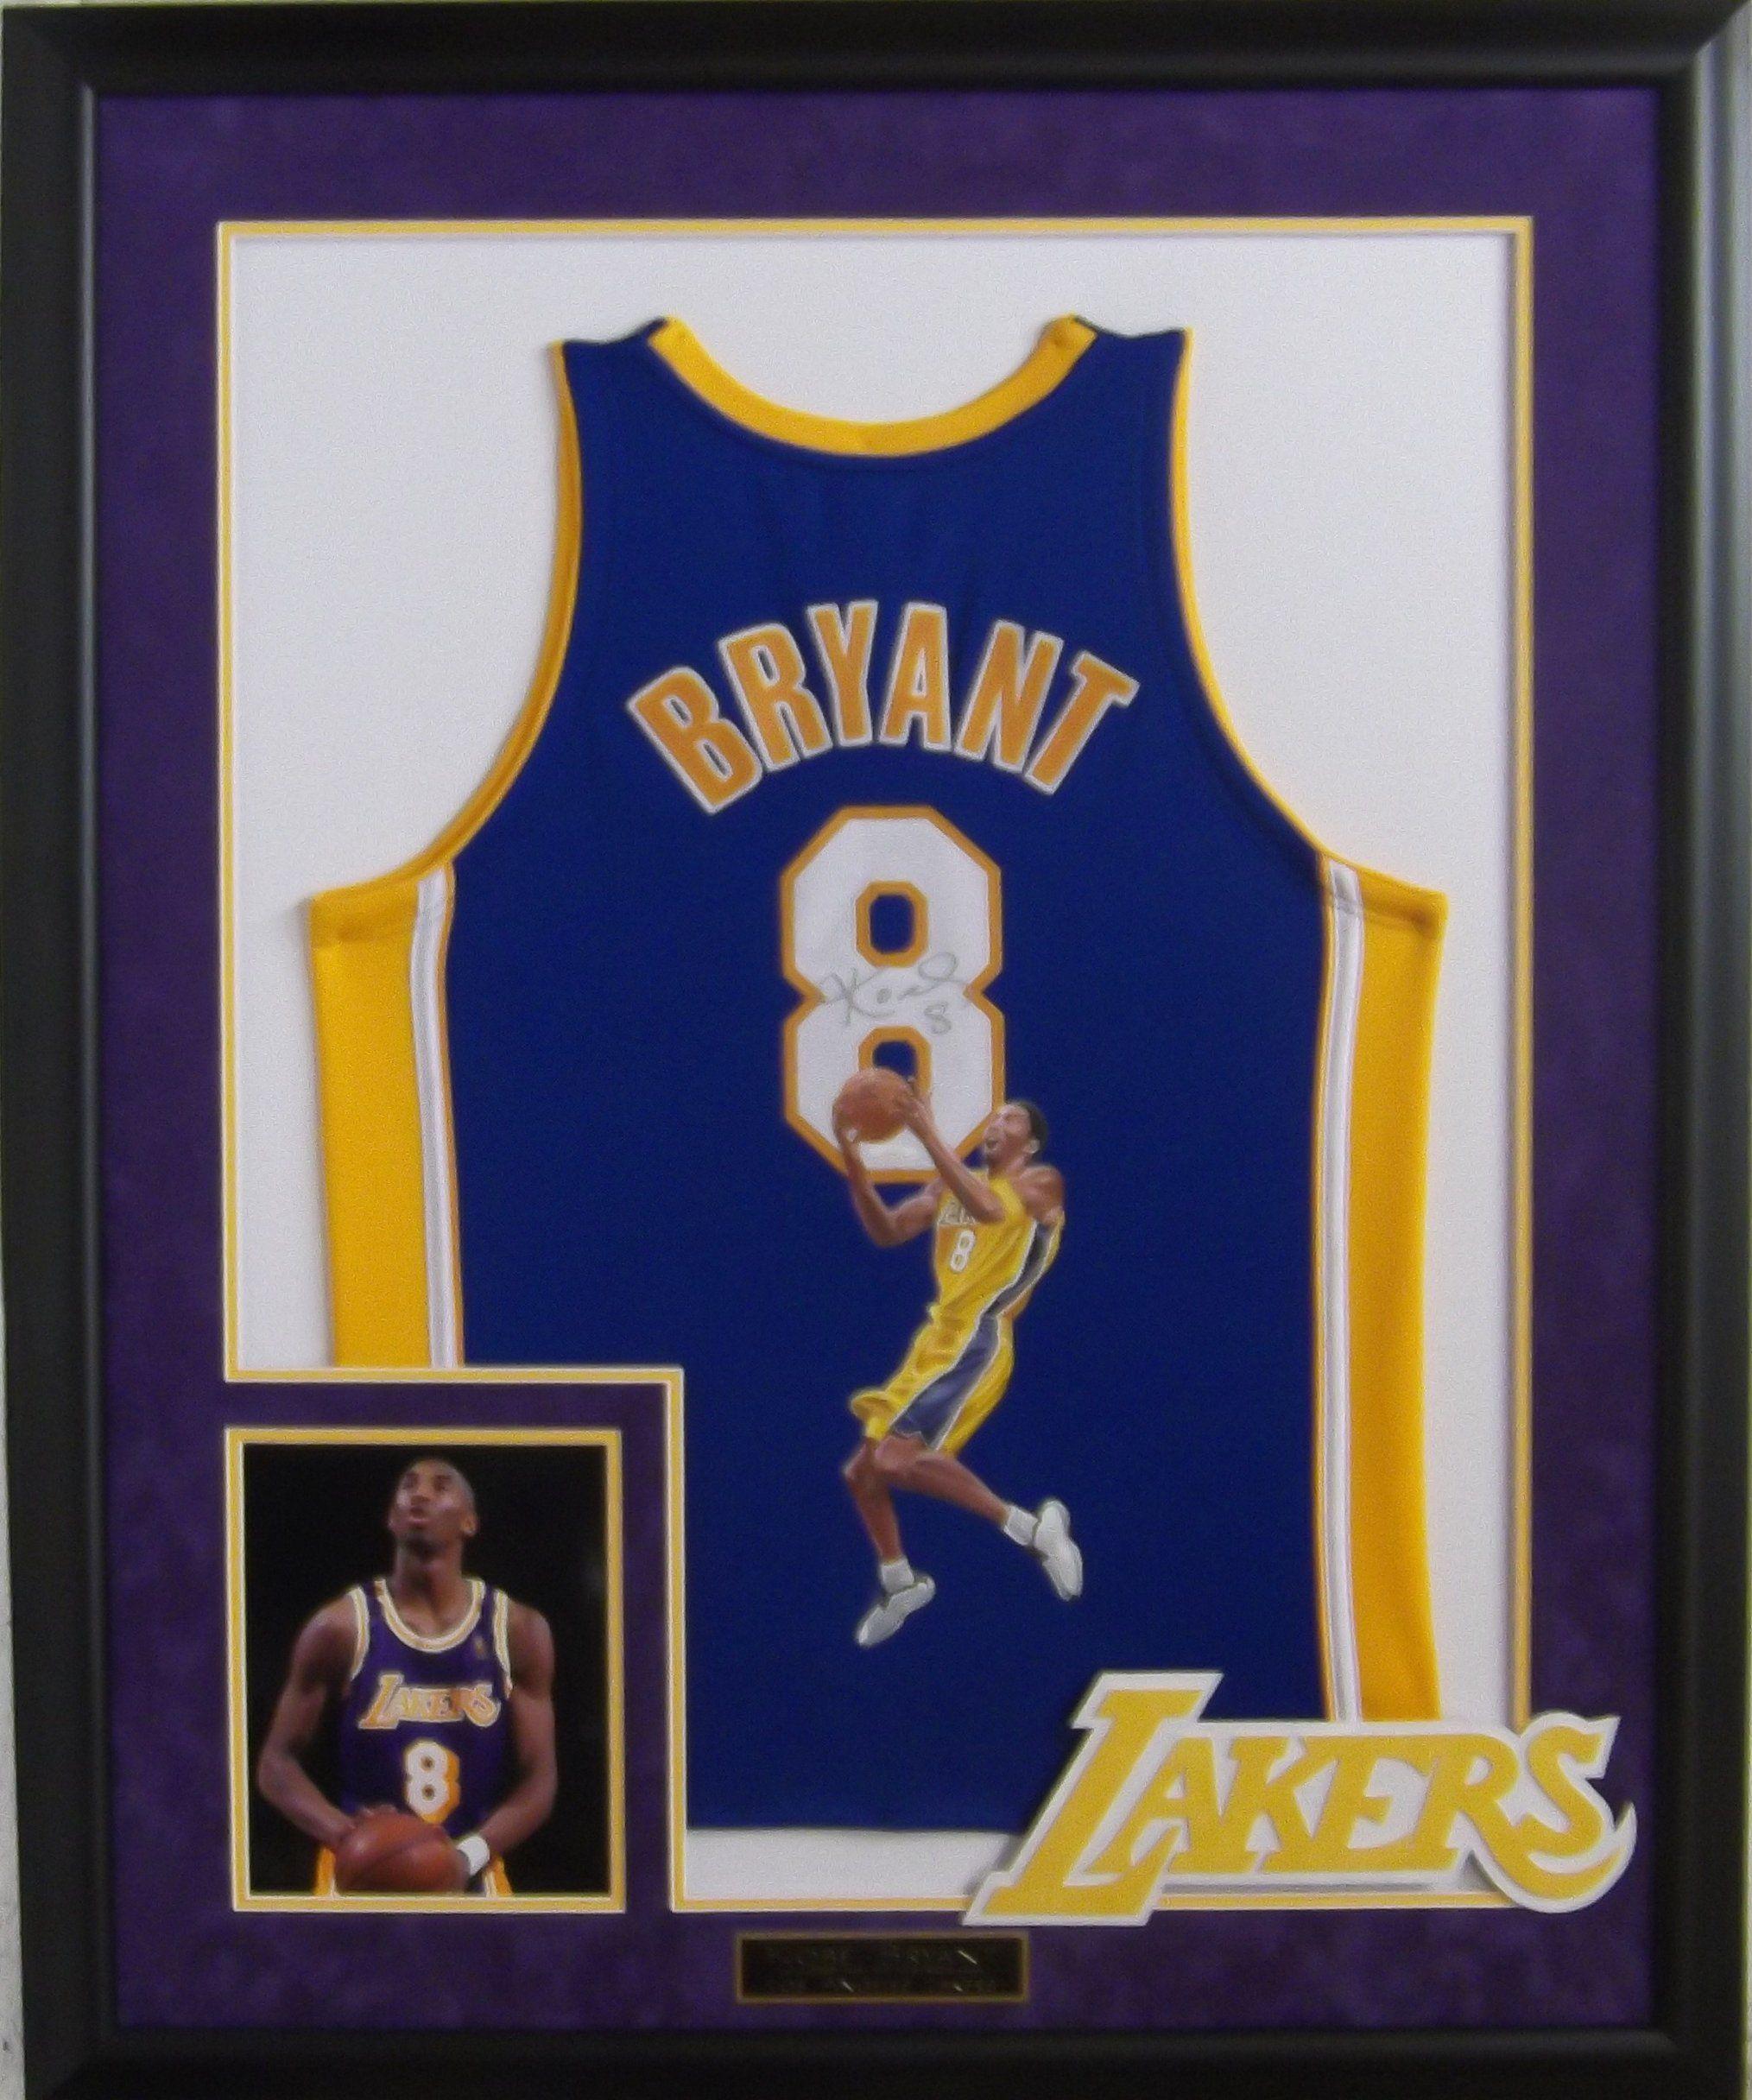 Pin on Los Angeles Lakers Memorabilia